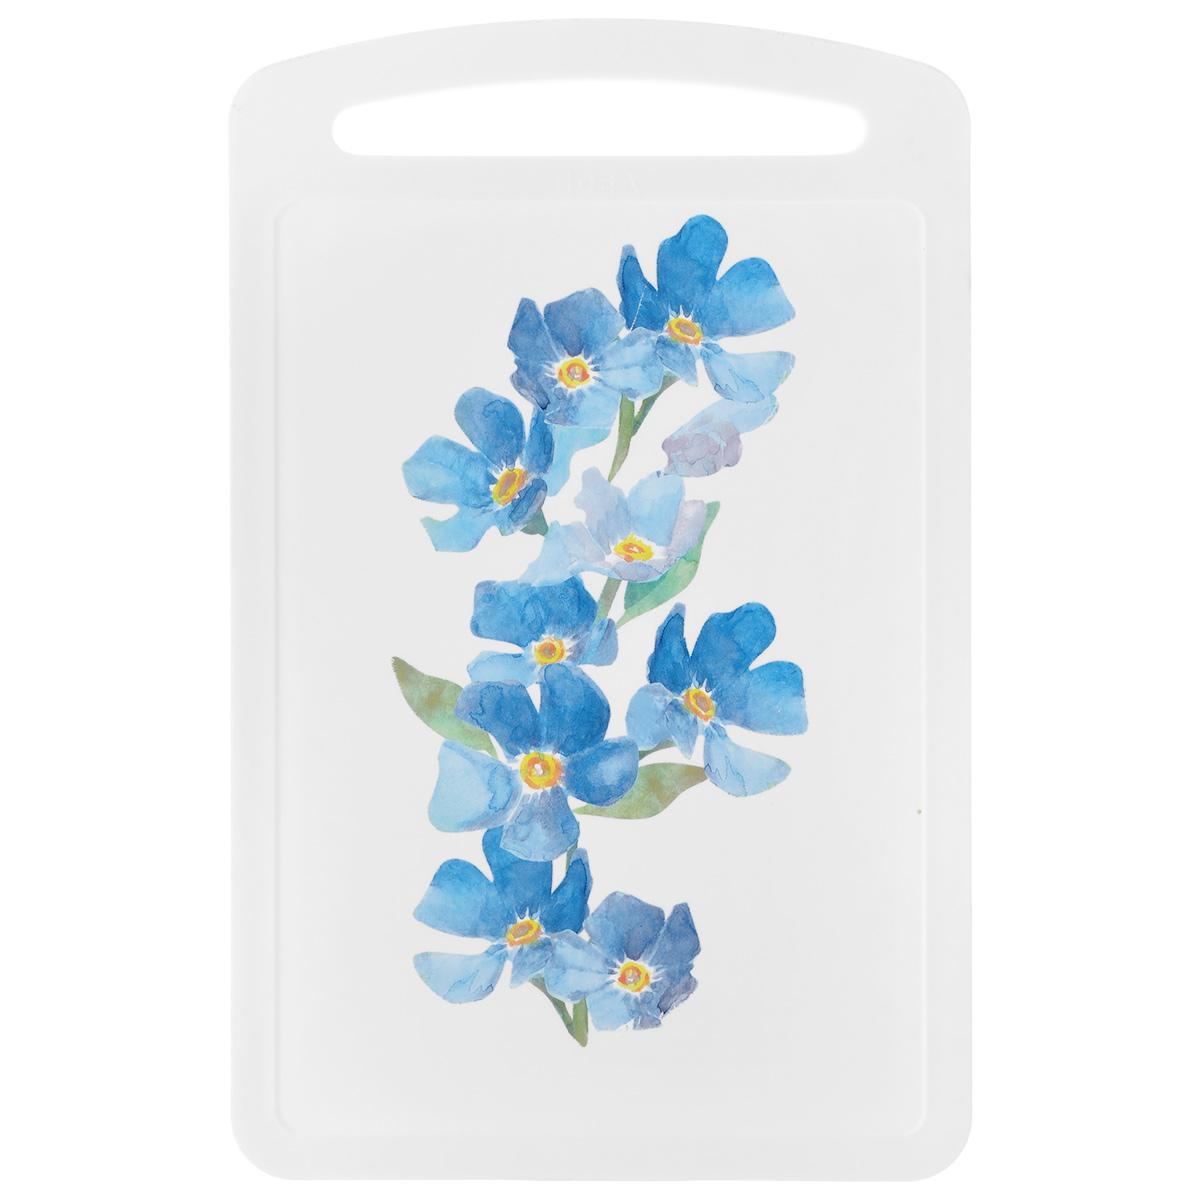 Доска разделочная Idea Голубые цветы, 27,5 см х 17 смМ 1575Разделочная доска Idea Голубые цветы изготовлена из высококачественного пищевого пластика с красивым цветочным рисунком. Изделие снабжено ручкой и желобками по краю для стока жидкости.